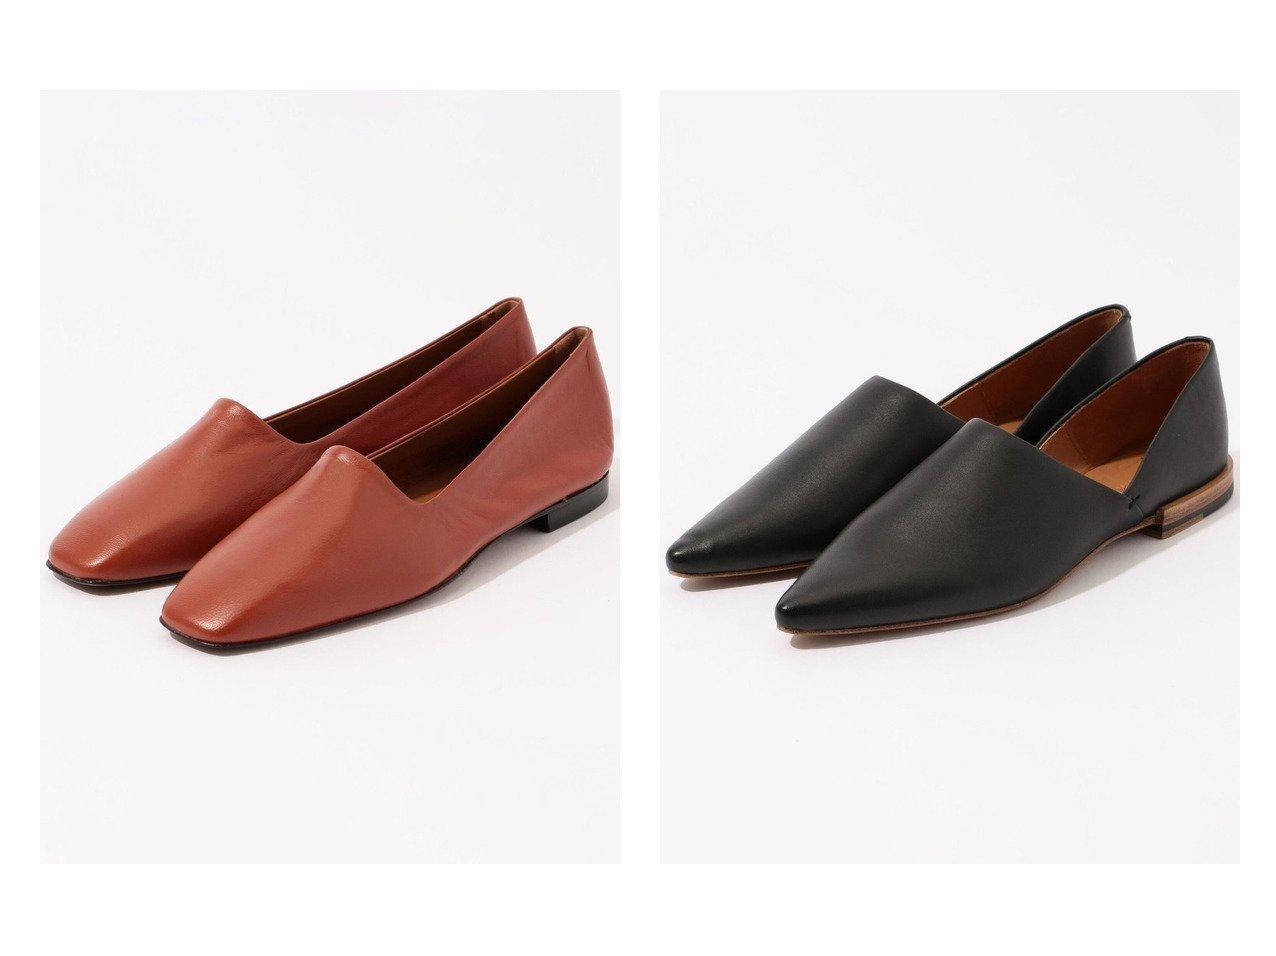 【DES PRES / TOMORROWLAND/デプレ】のDES PRES ポインテッドフラットシューズ&【GALERIE VIE / TOMORROWLAND/ギャルリー ヴィー】のATP レザーフラットシューズ シューズ・靴のおすすめ!人気、トレンド・レディースファッションの通販  おすすめで人気の流行・トレンド、ファッションの通販商品 メンズファッション・キッズファッション・インテリア・家具・レディースファッション・服の通販 founy(ファニー) https://founy.com/ ファッション Fashion レディースファッション WOMEN NEW・新作・新着・新入荷 New Arrivals イタリア シューズ シンプル ハンド フラット ベーシック カッティング |ID:crp329100000009812